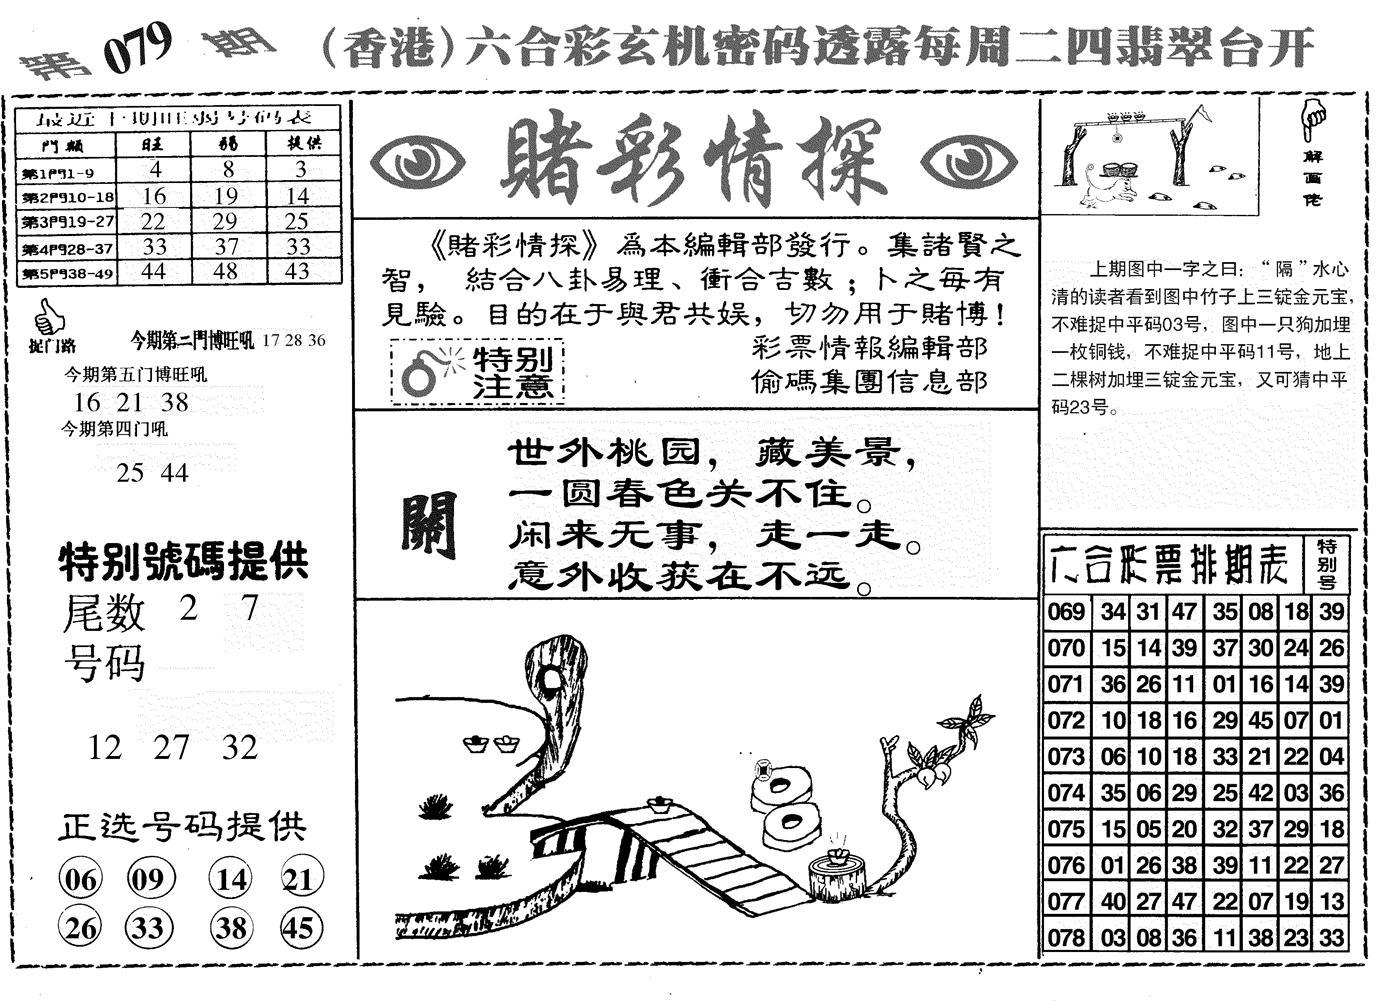 079期堵彩情探(黑白)